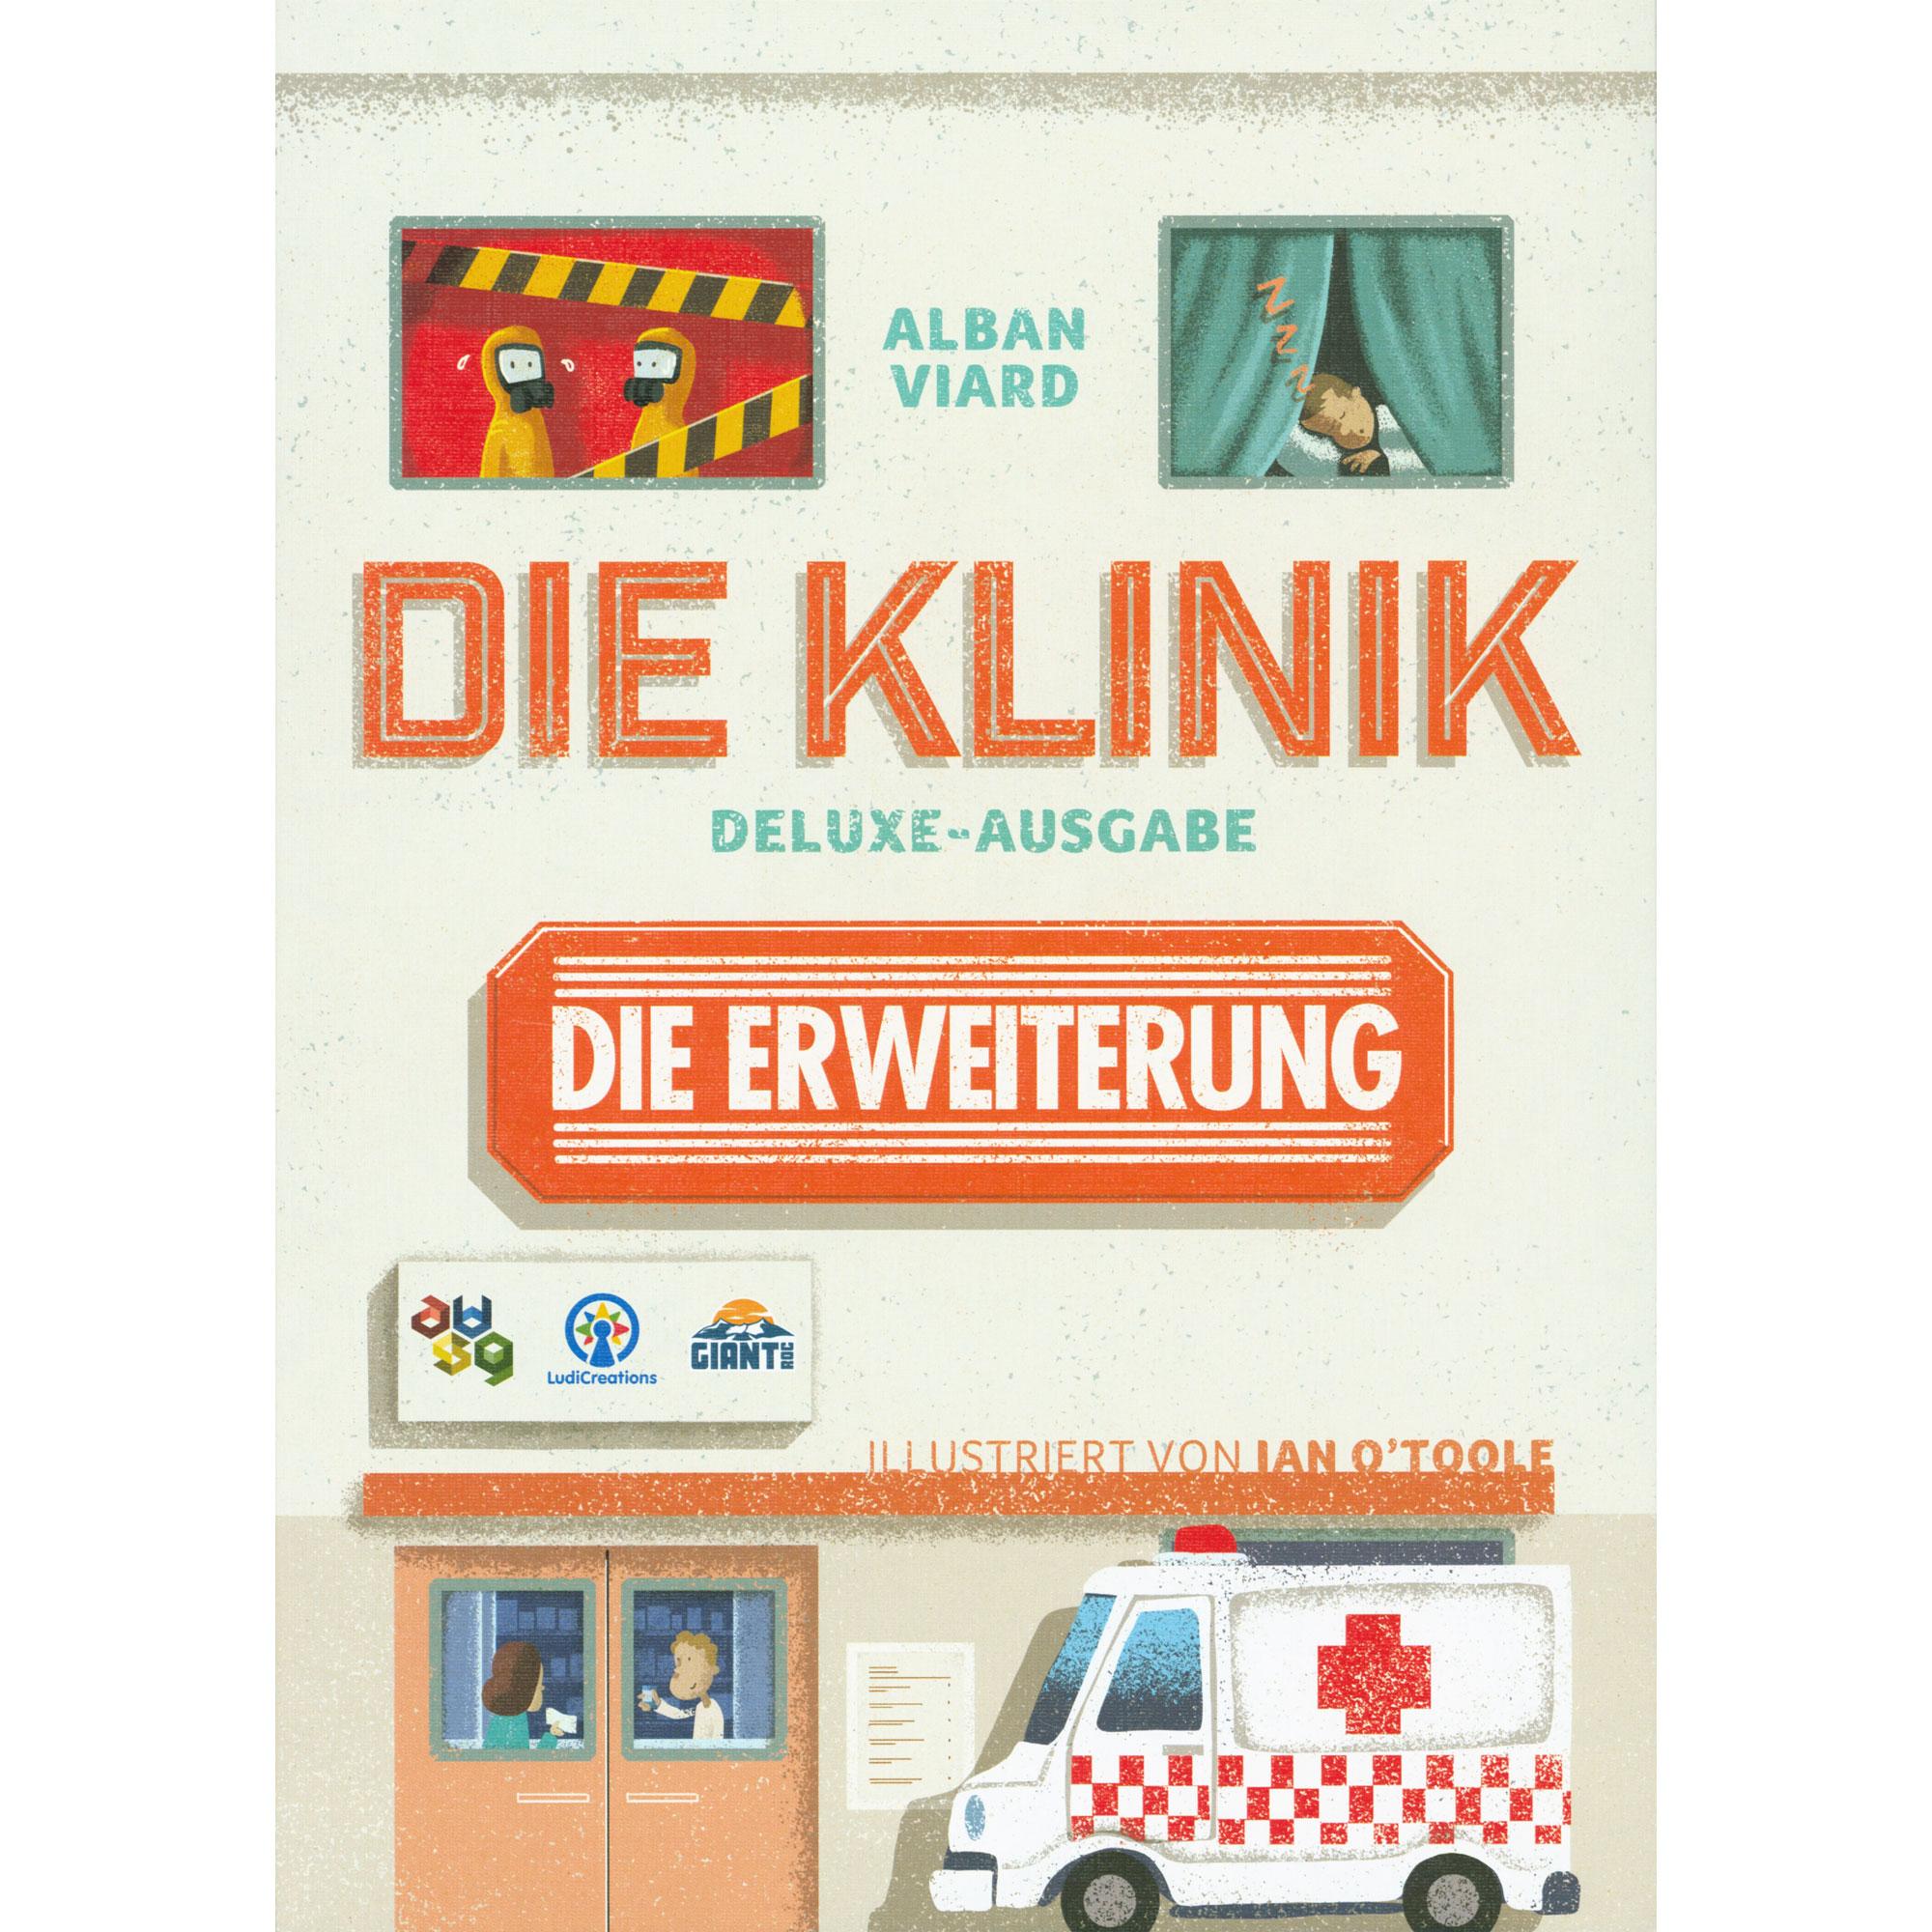 Die Klinik - Deluxe-Edition - Der Anbau Erweiterung